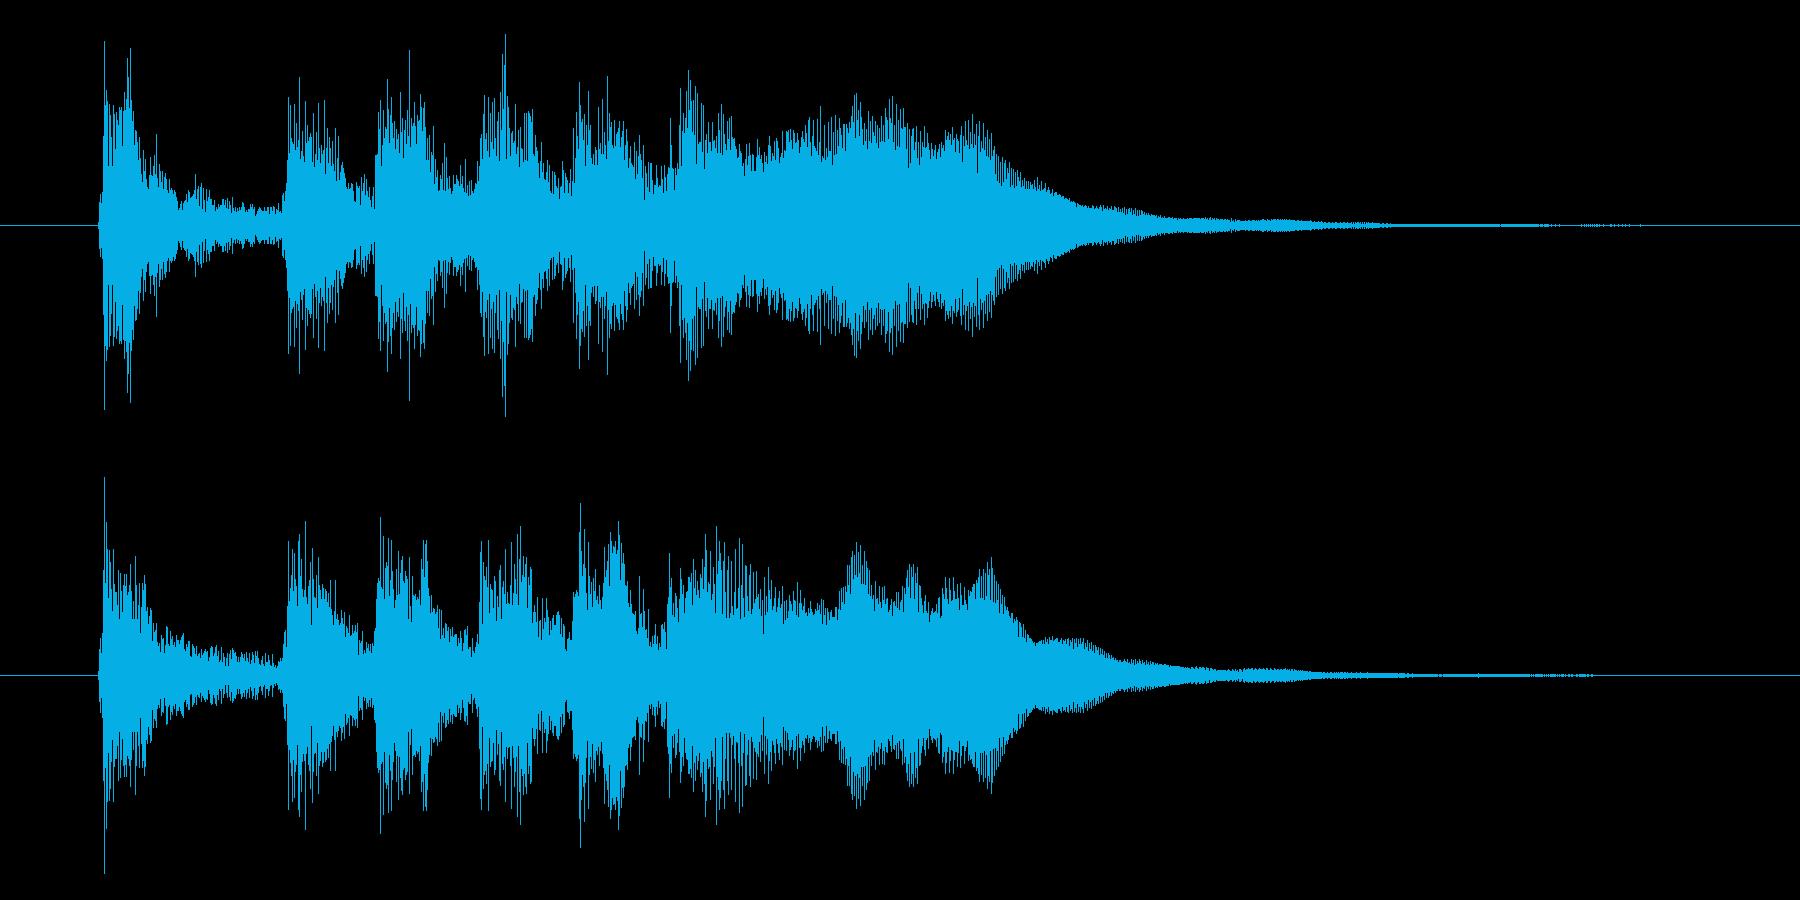 ファンファーレ(パッパパパパパーン♪)の再生済みの波形